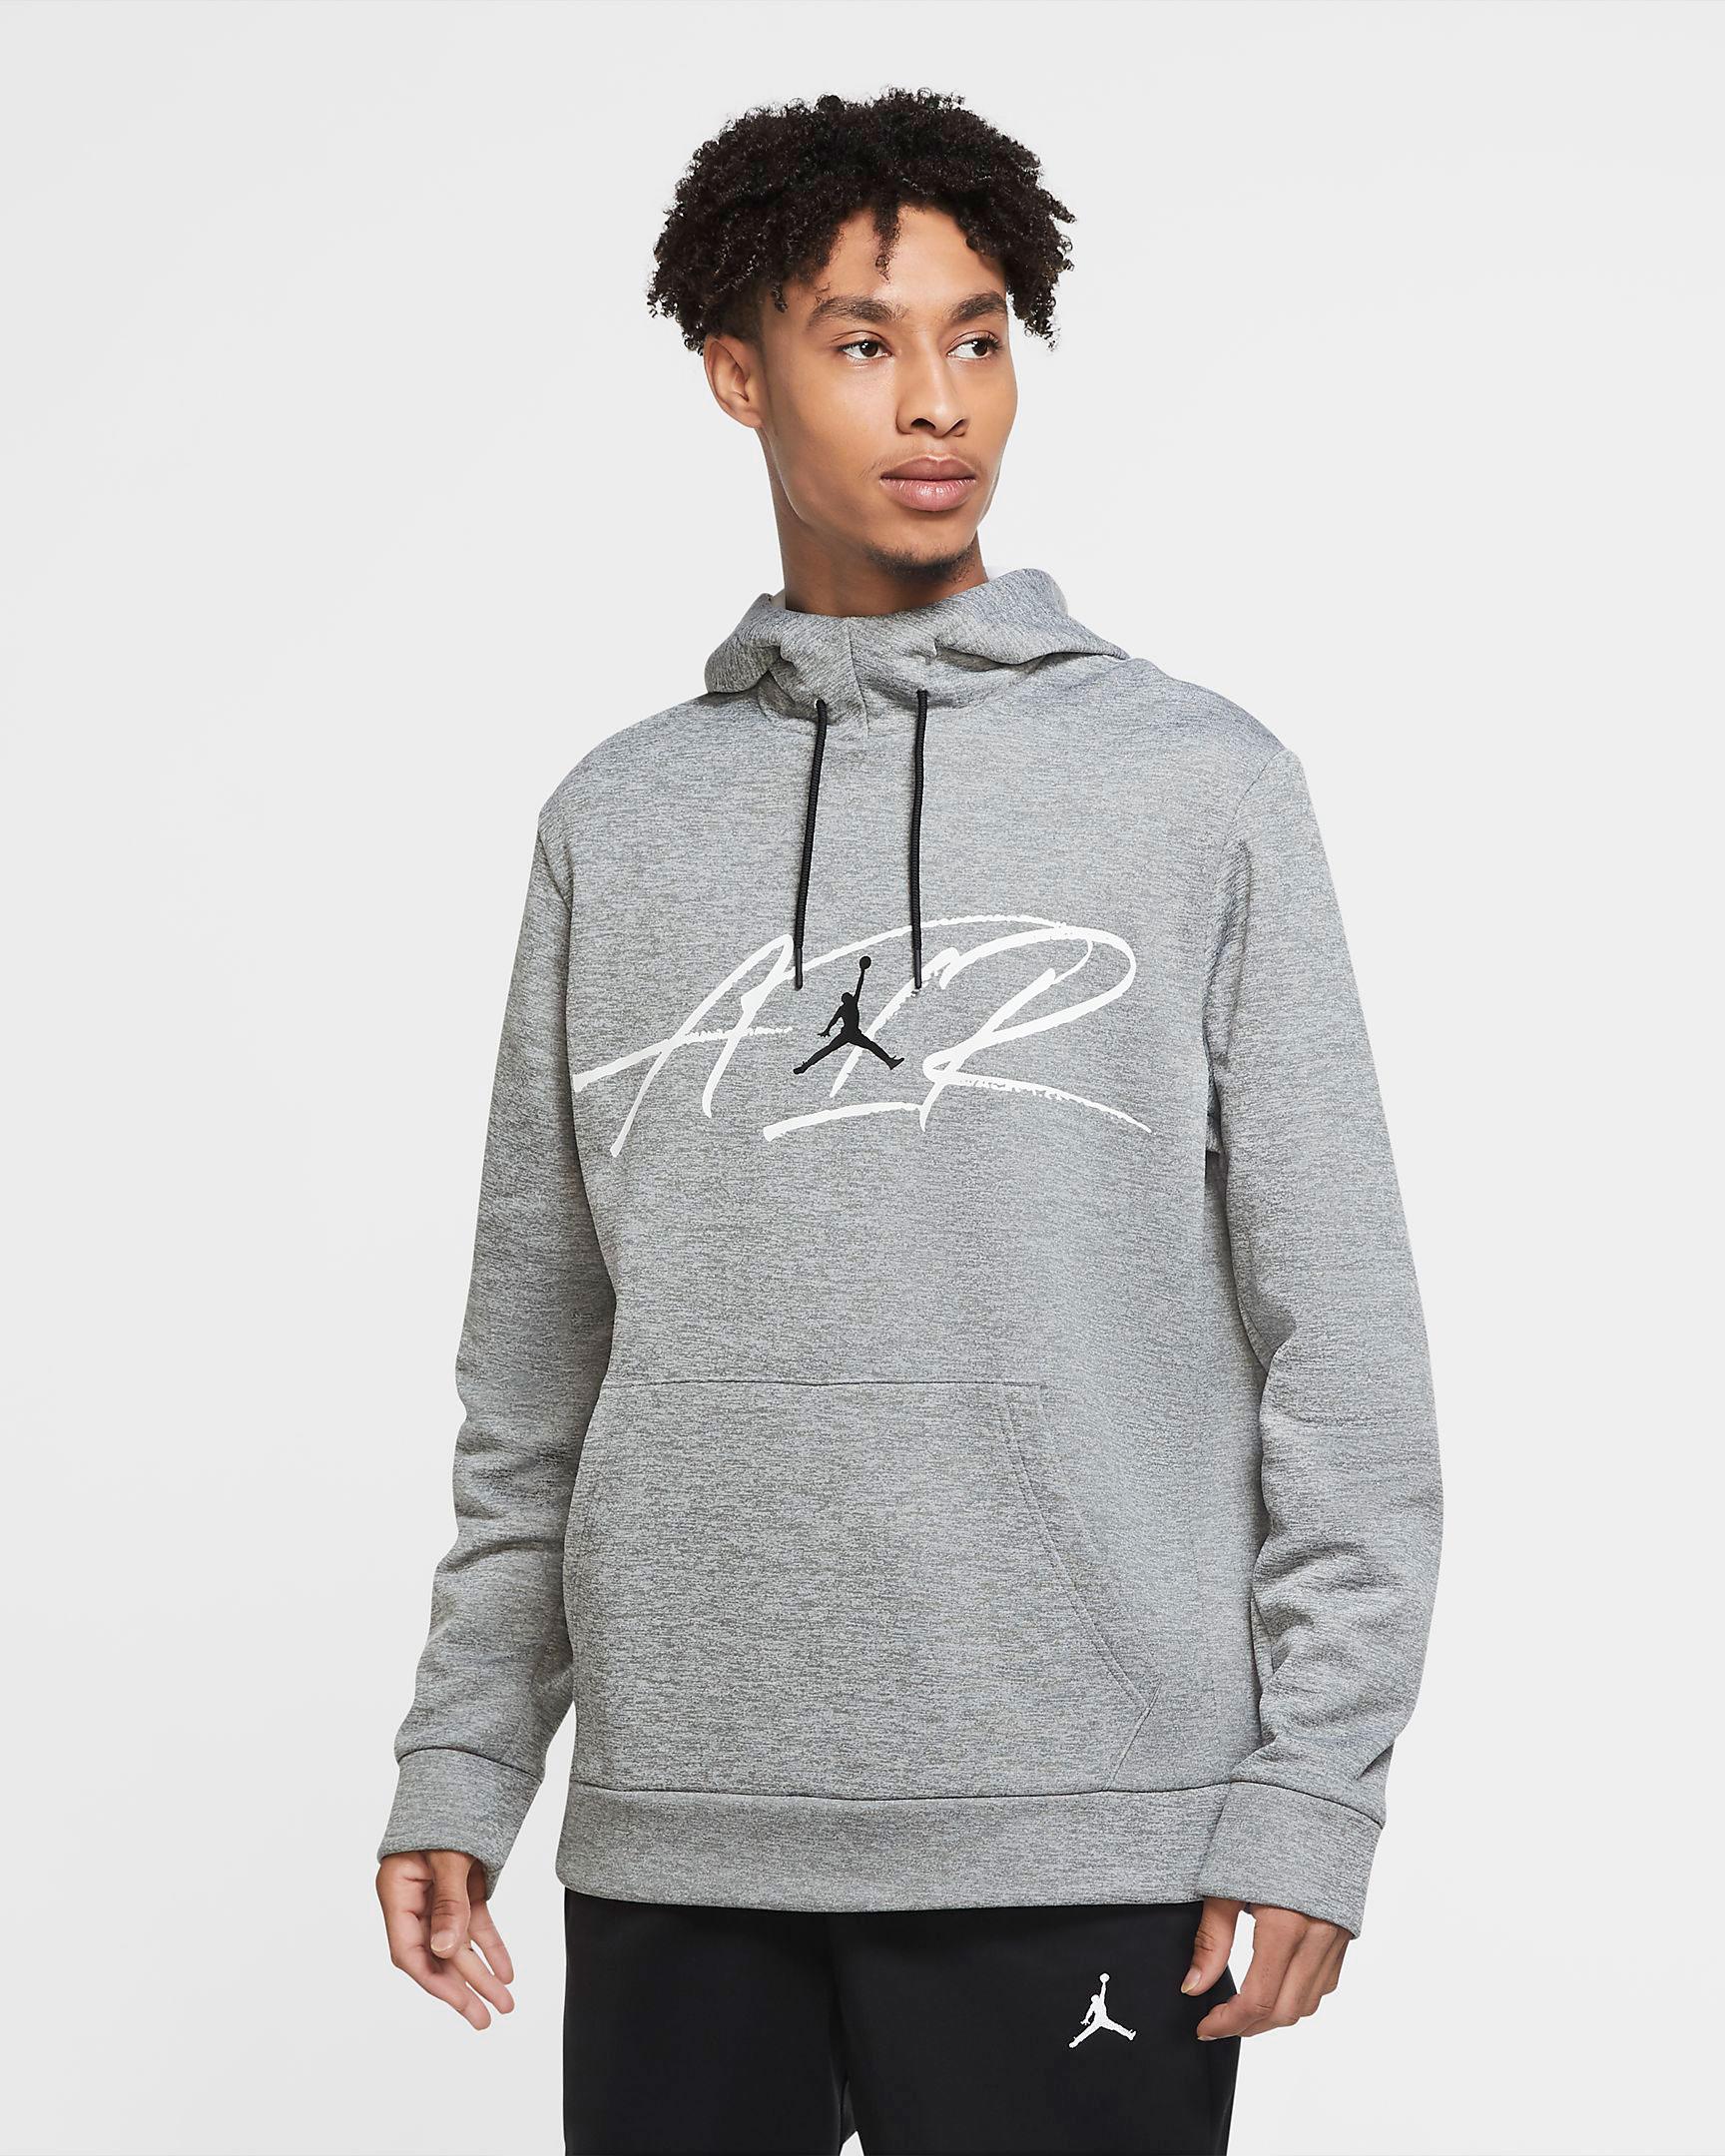 air-jordan-3-blue-cement-hoodie-match